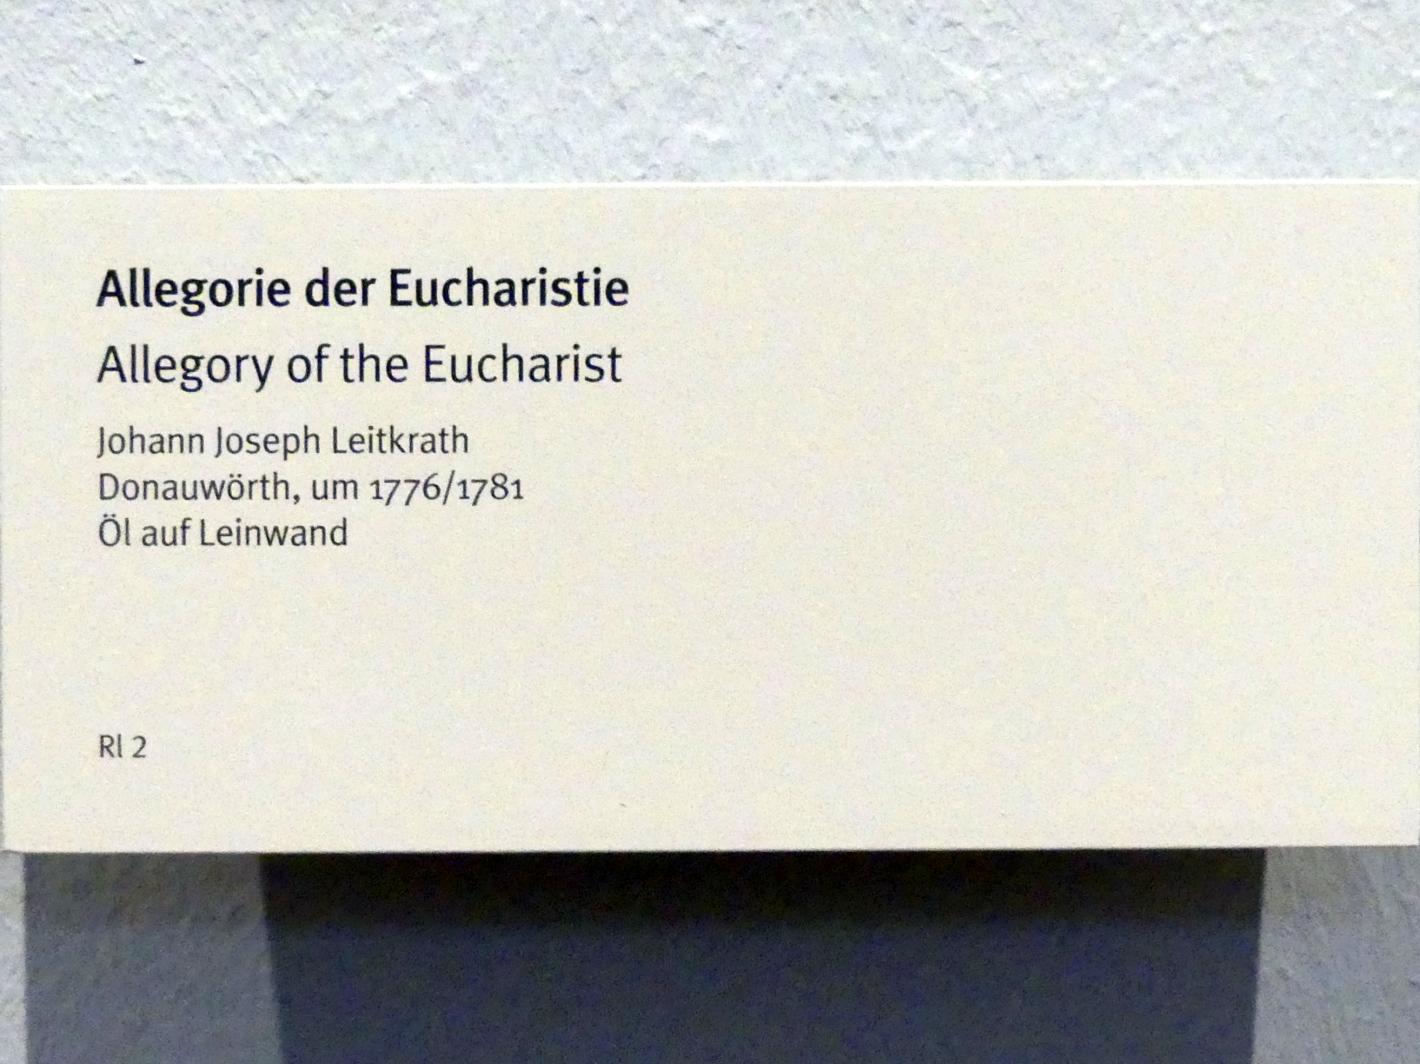 Johann Joseph Leitkrath: Allegorie der Eucharistie, Um 1776 - 1781